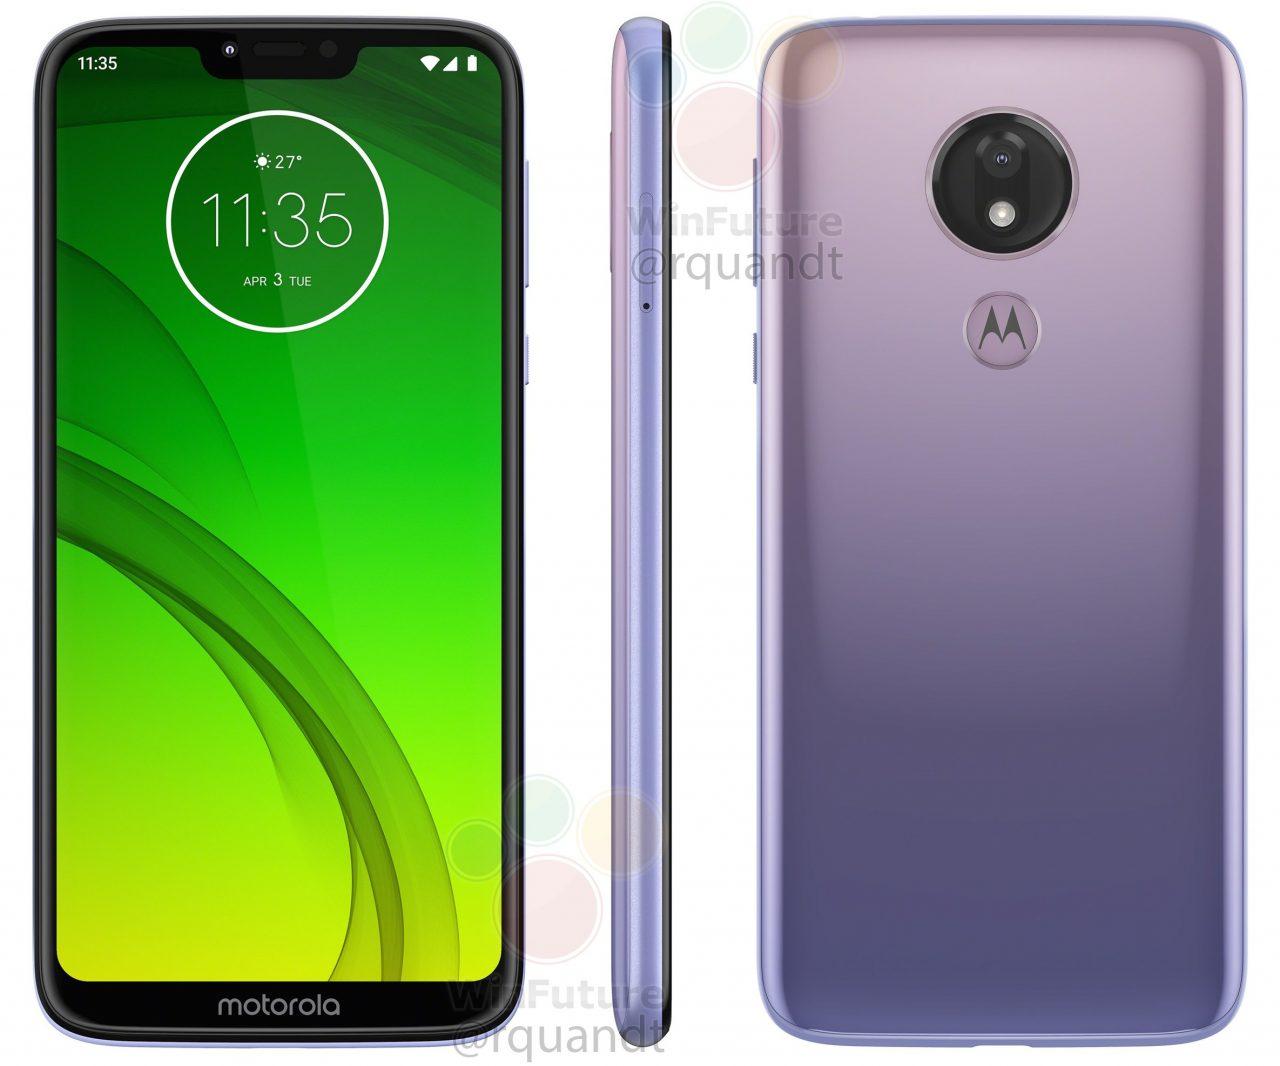 Motorola Moto G7 Power potrebbe arrivare anche in questa originalissima colorazione violetta